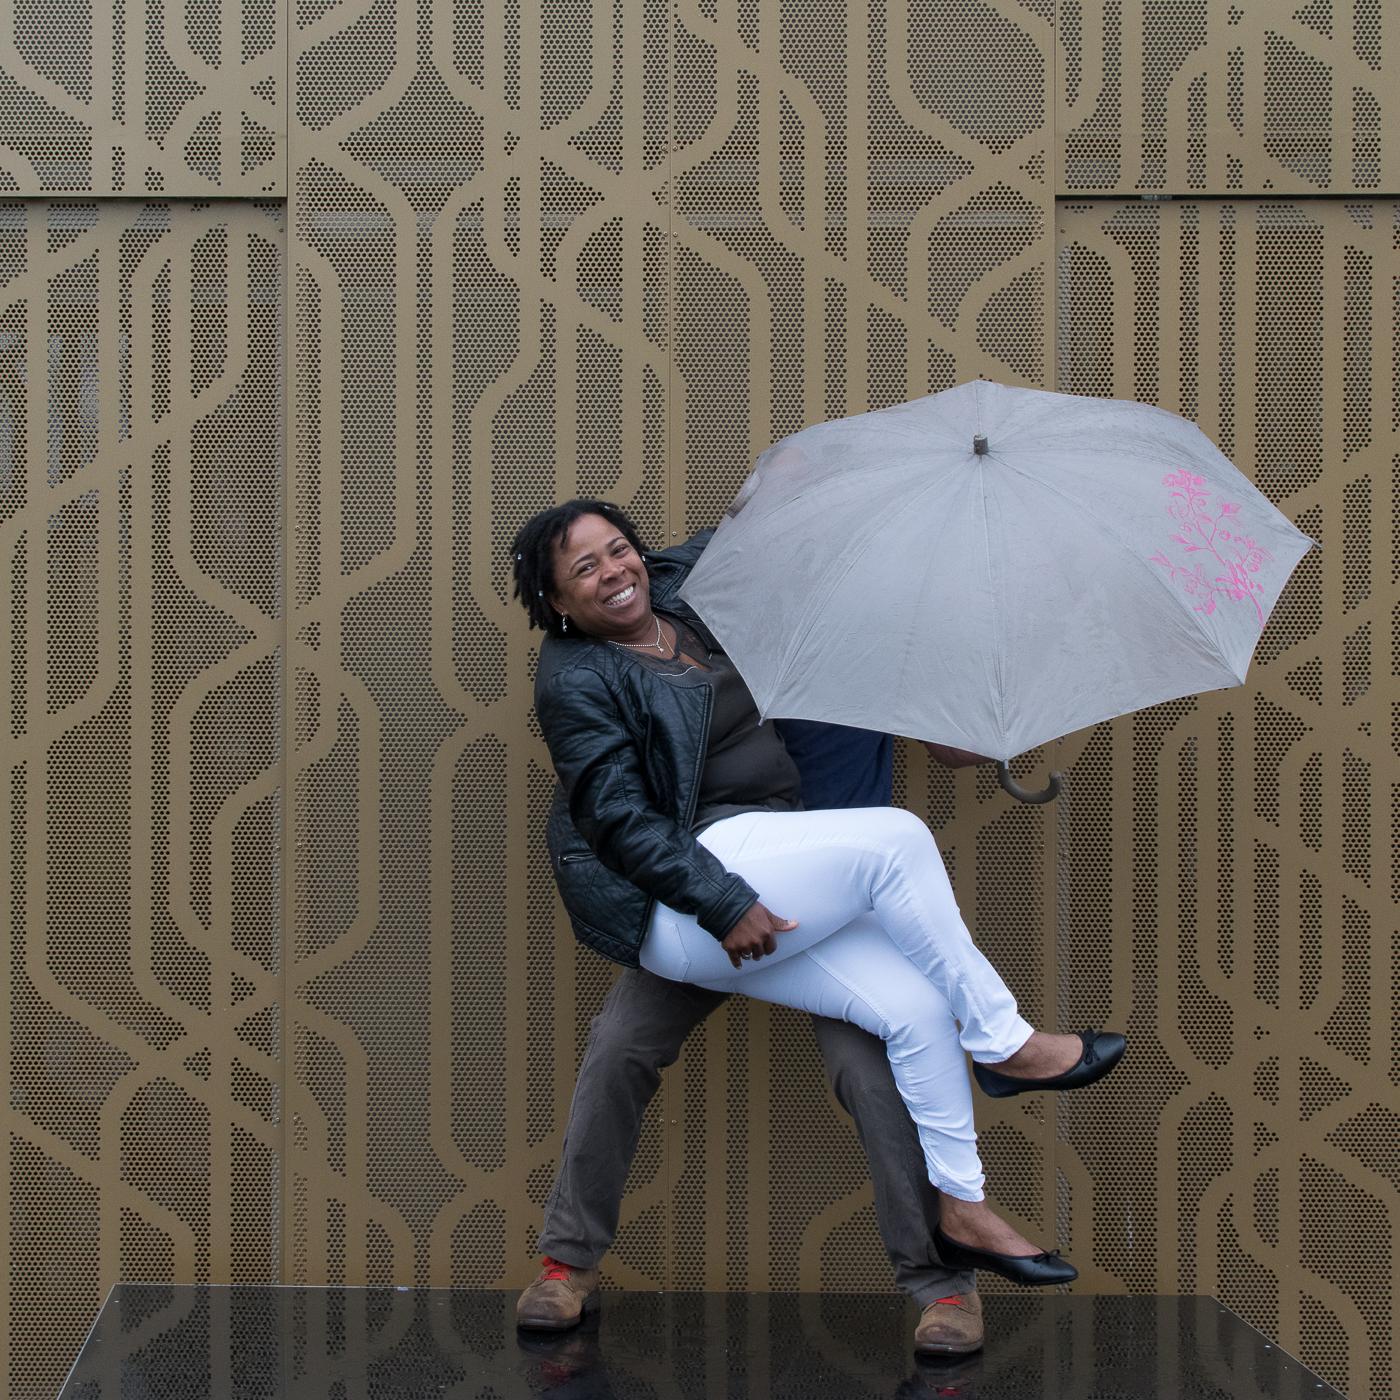 Parapluies 2016 - Rayon de soleil